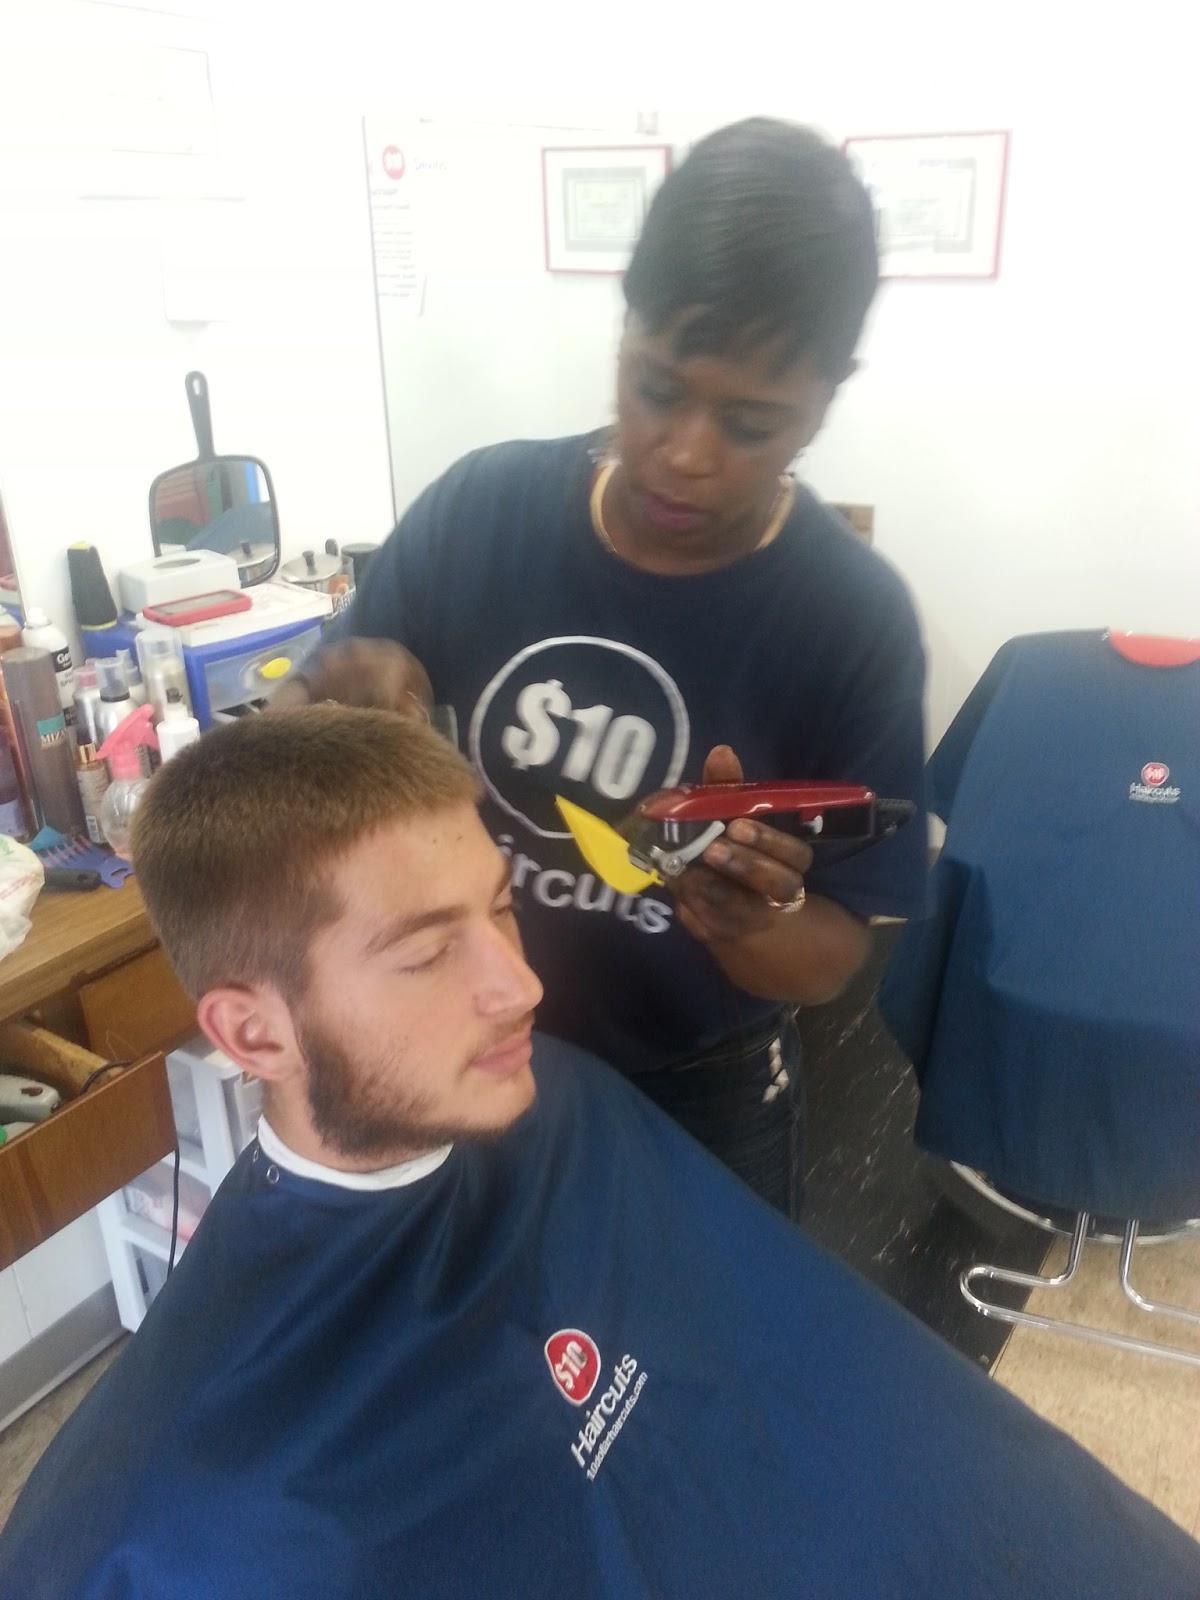 10 dollar haircut